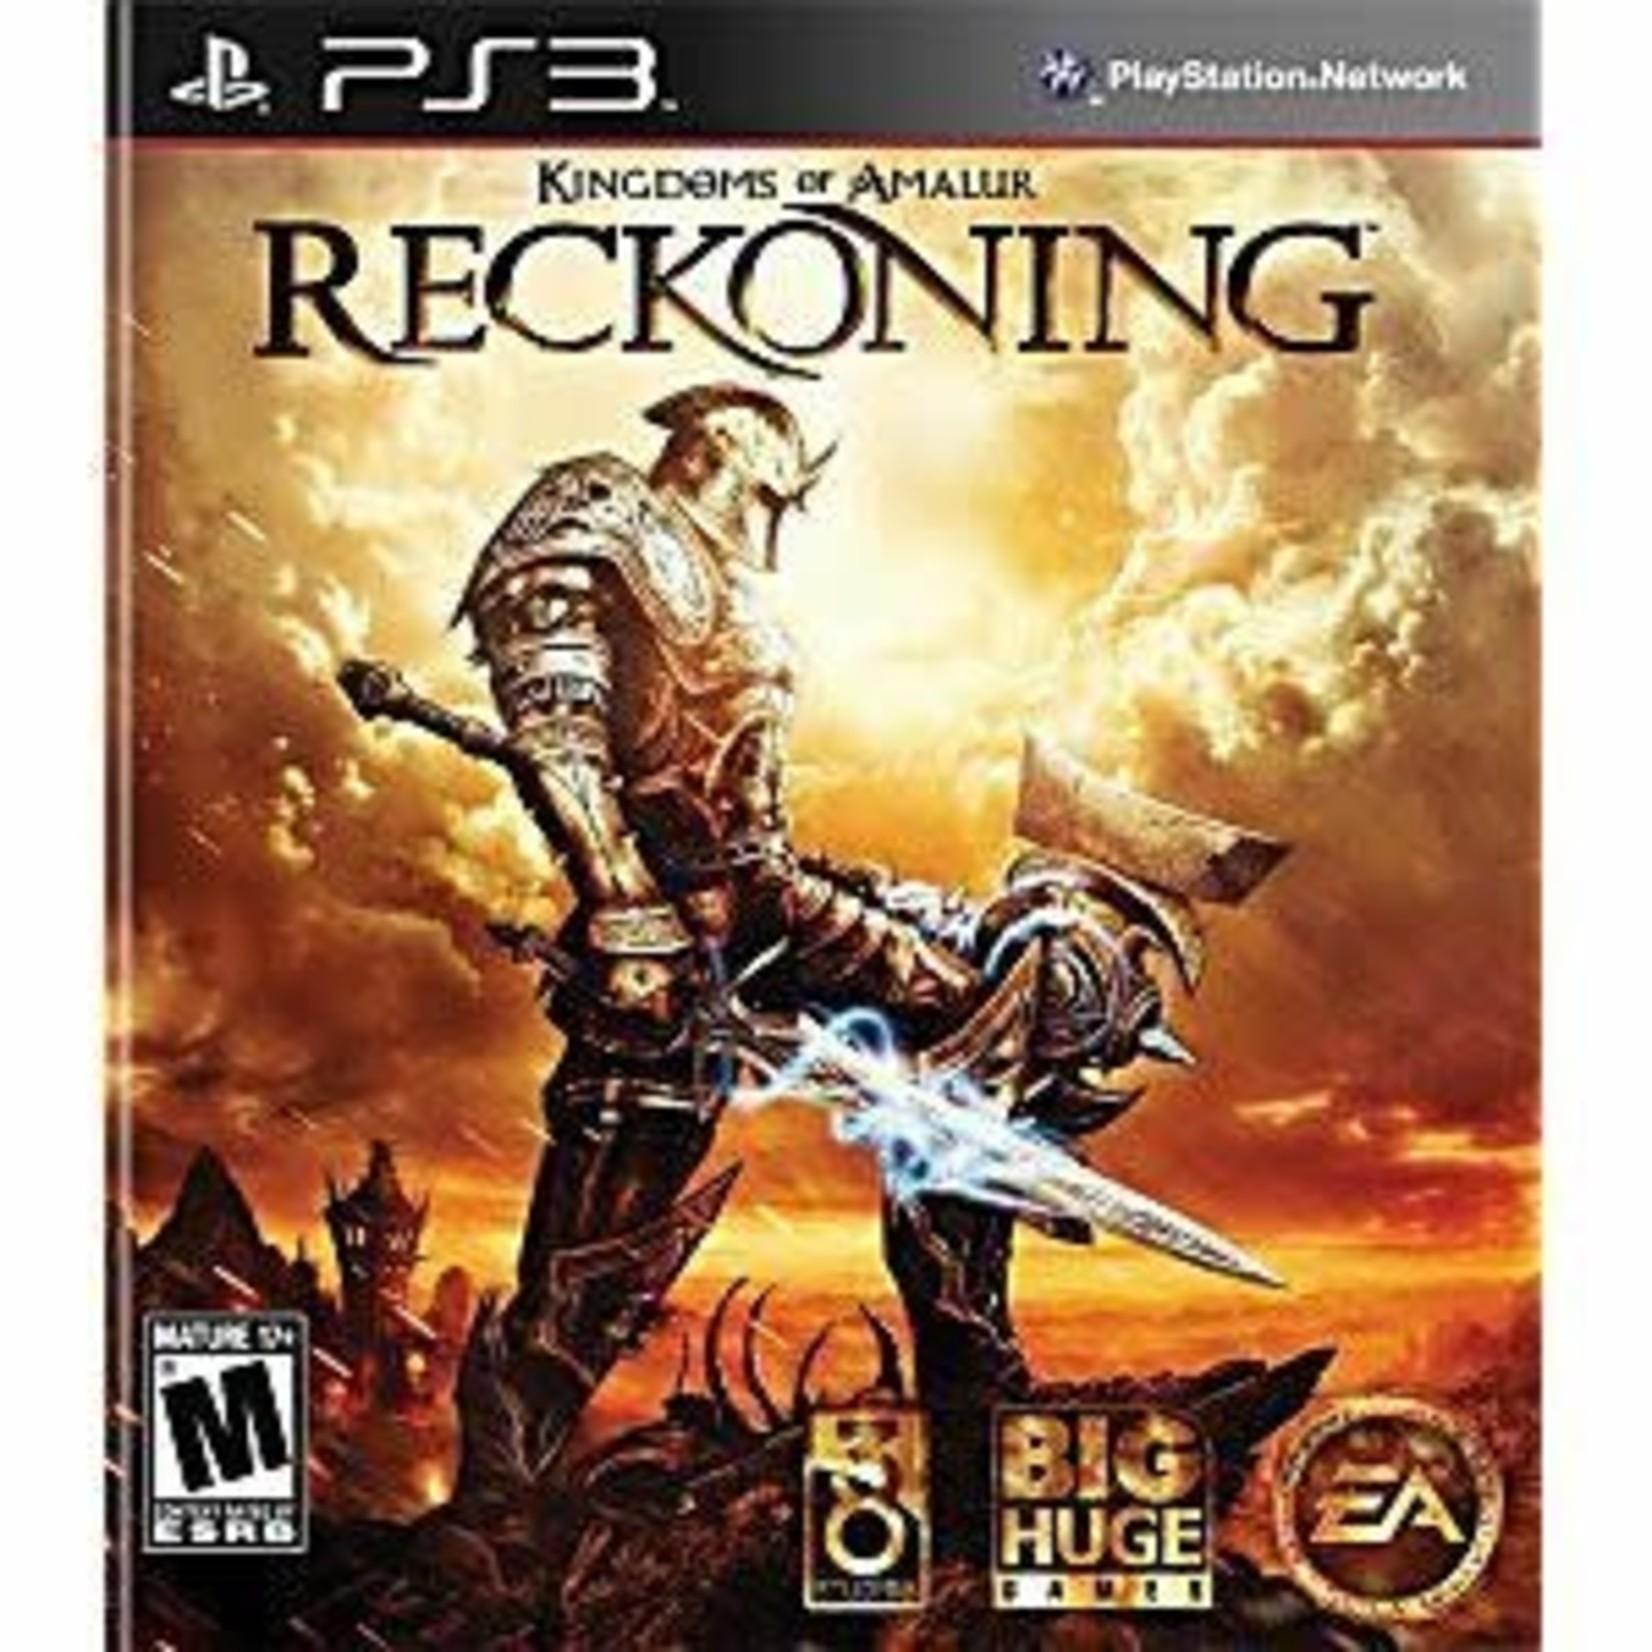 PS3-Kingdoms of Amalur: Reckoning